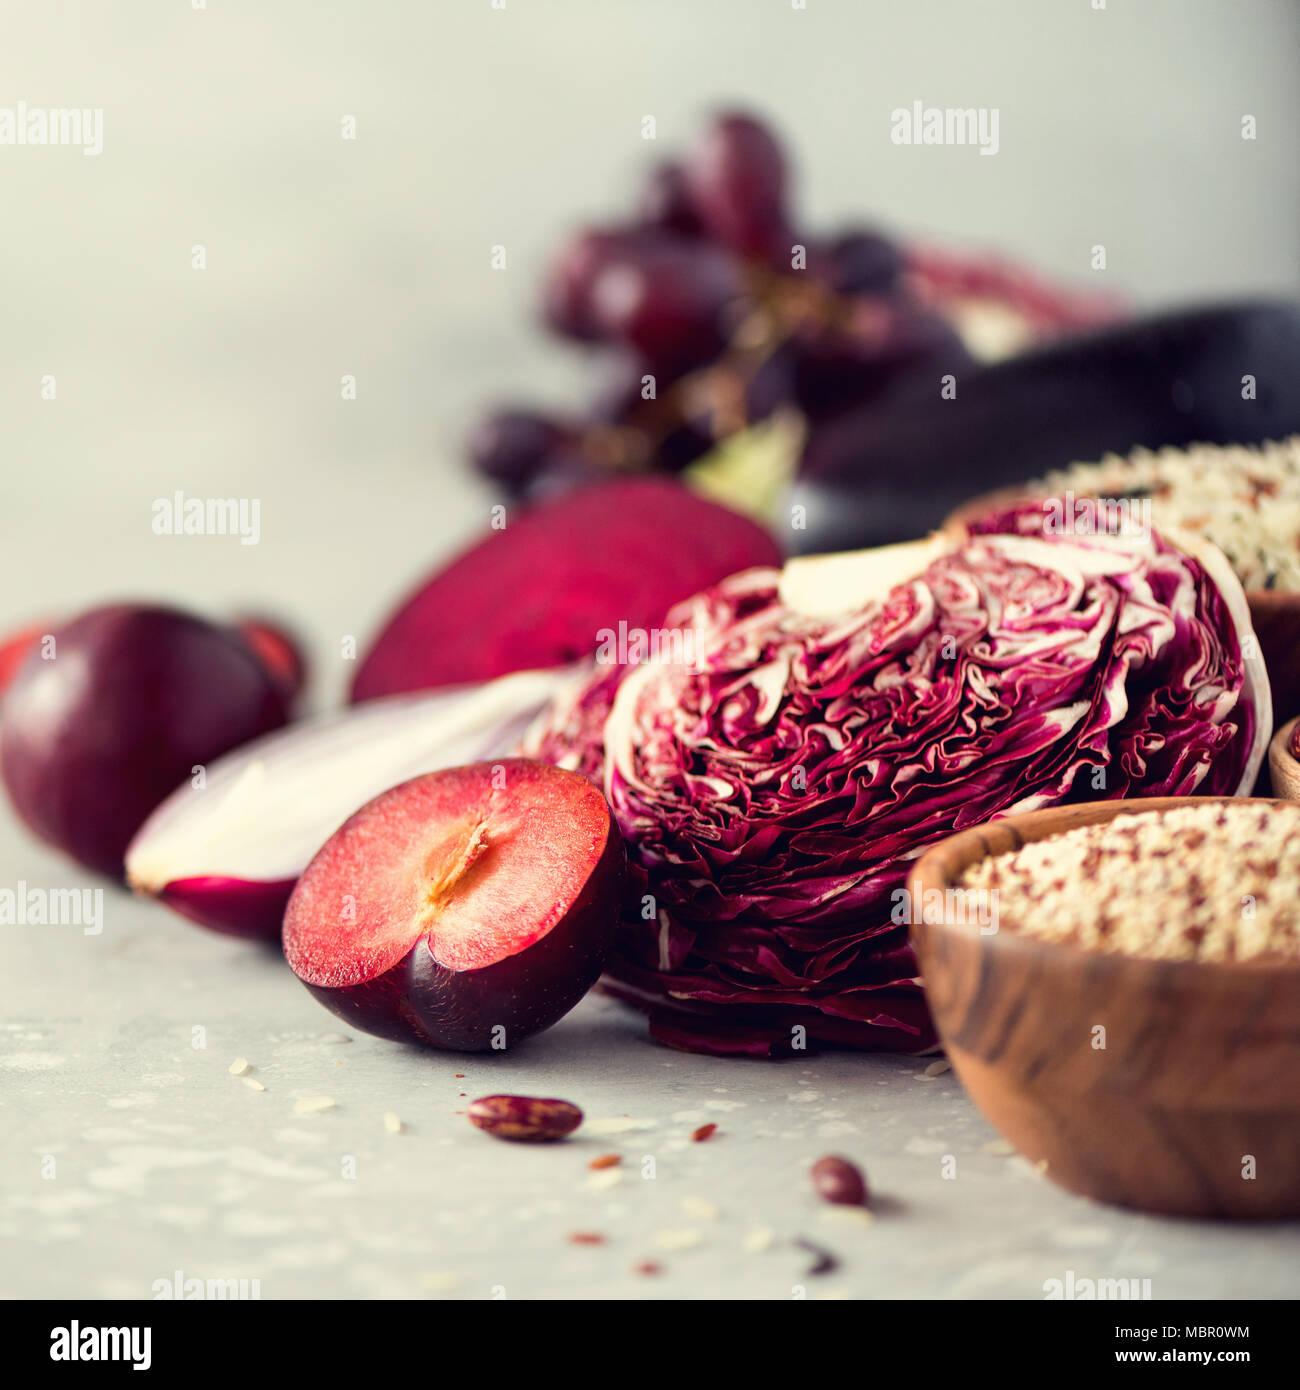 Ingredienti per la cottura, copia spazio, vista dall'alto, piatto laici. Viola, ortaggi e frutta su sfondo grigio. Melanzana violetta, barbabietole, cavolfiore, viola, fagioli, prugne, cipolla, uva, quinoa, riso. Immagini Stock